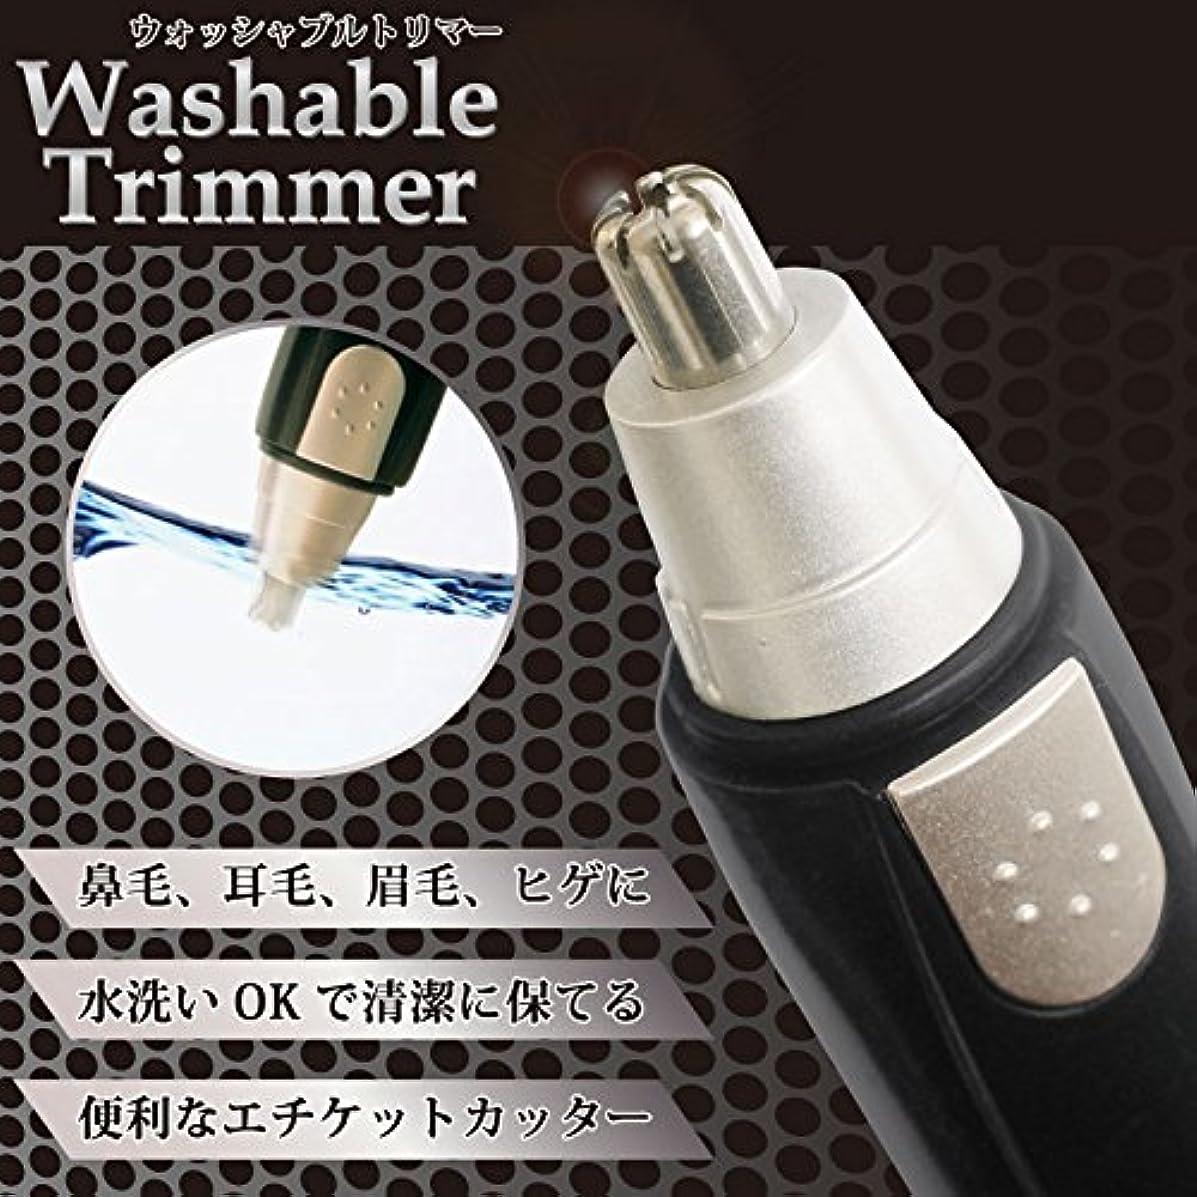 丁寧ガム試用ウォッシャブルトリマー HRN-250水洗いOK 乾電池式 専用ブラシ付 小型エチケットカッター